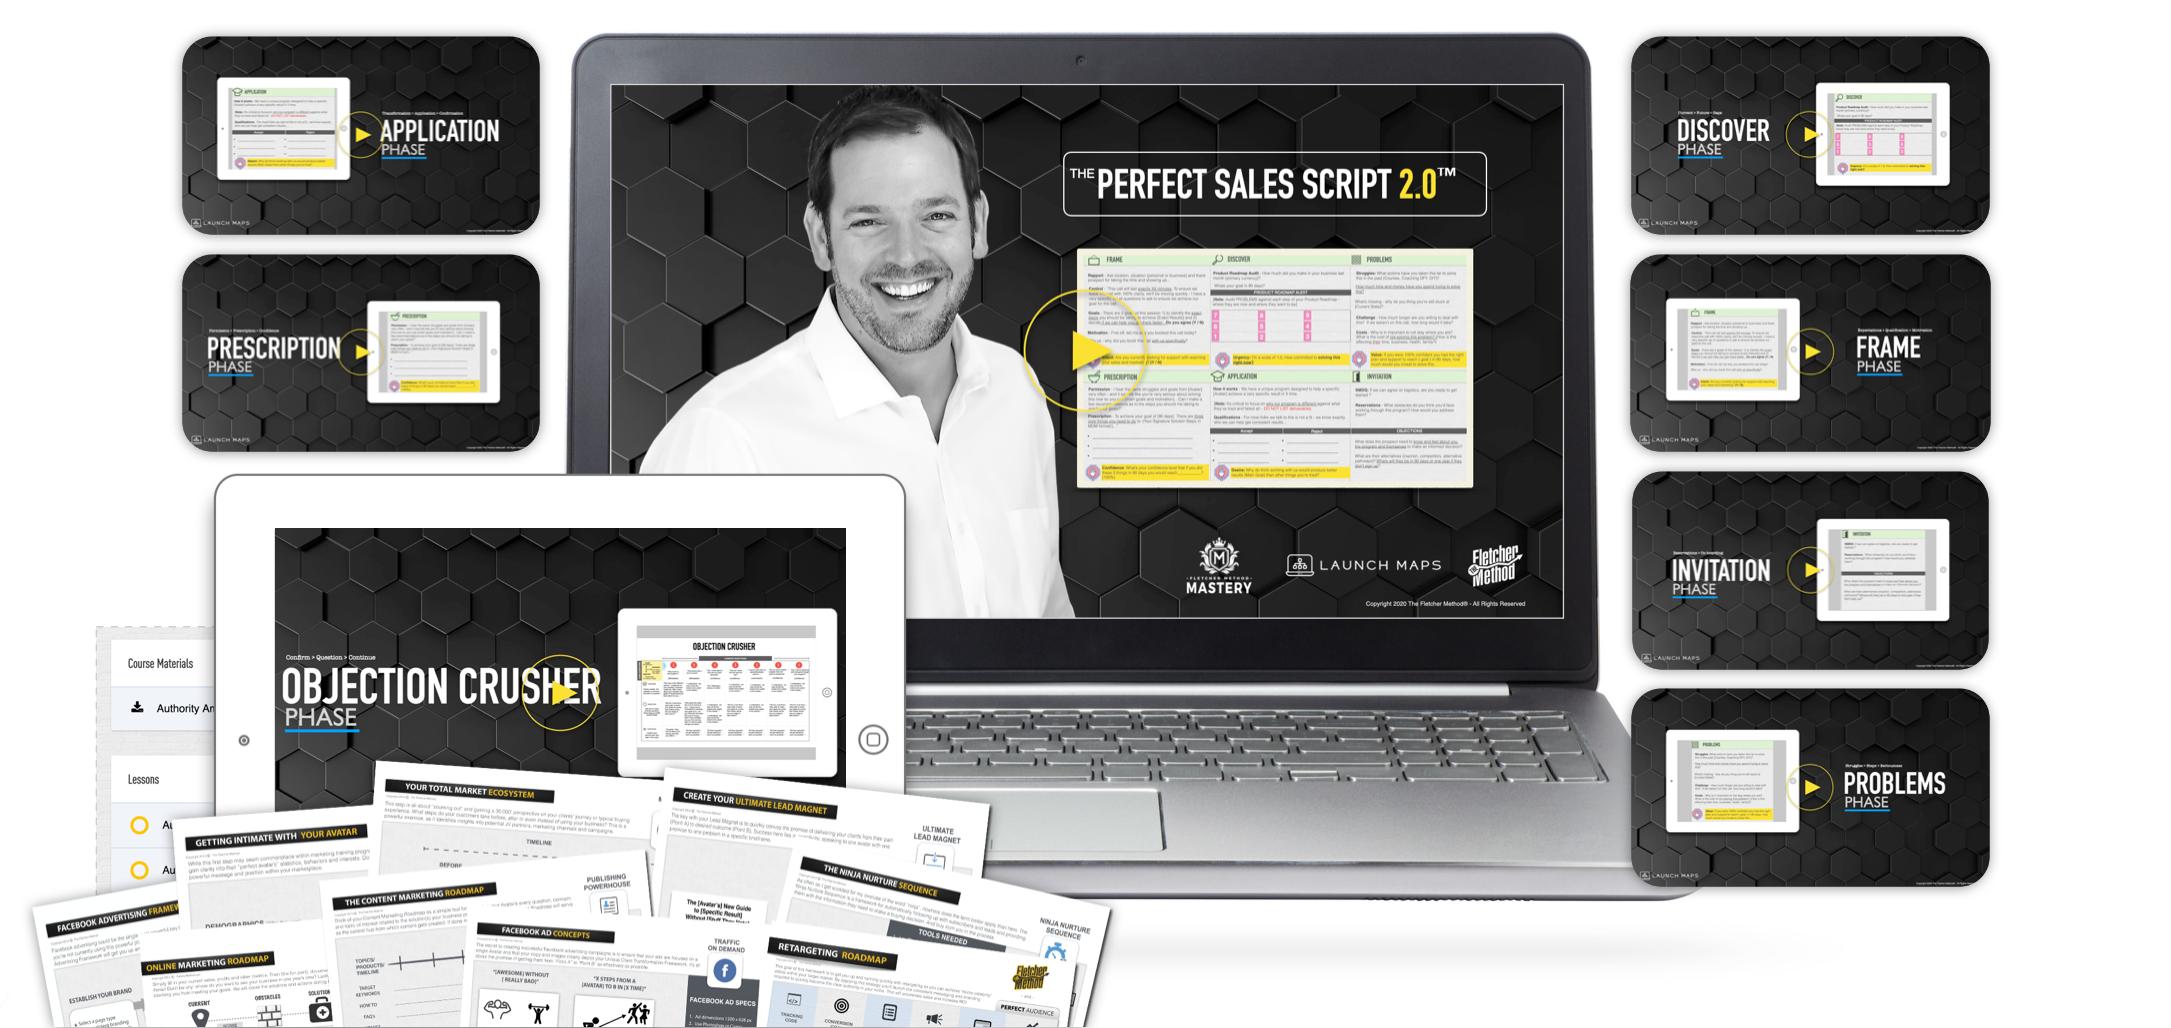 perfecrt-sales-script-2.0-product-shot